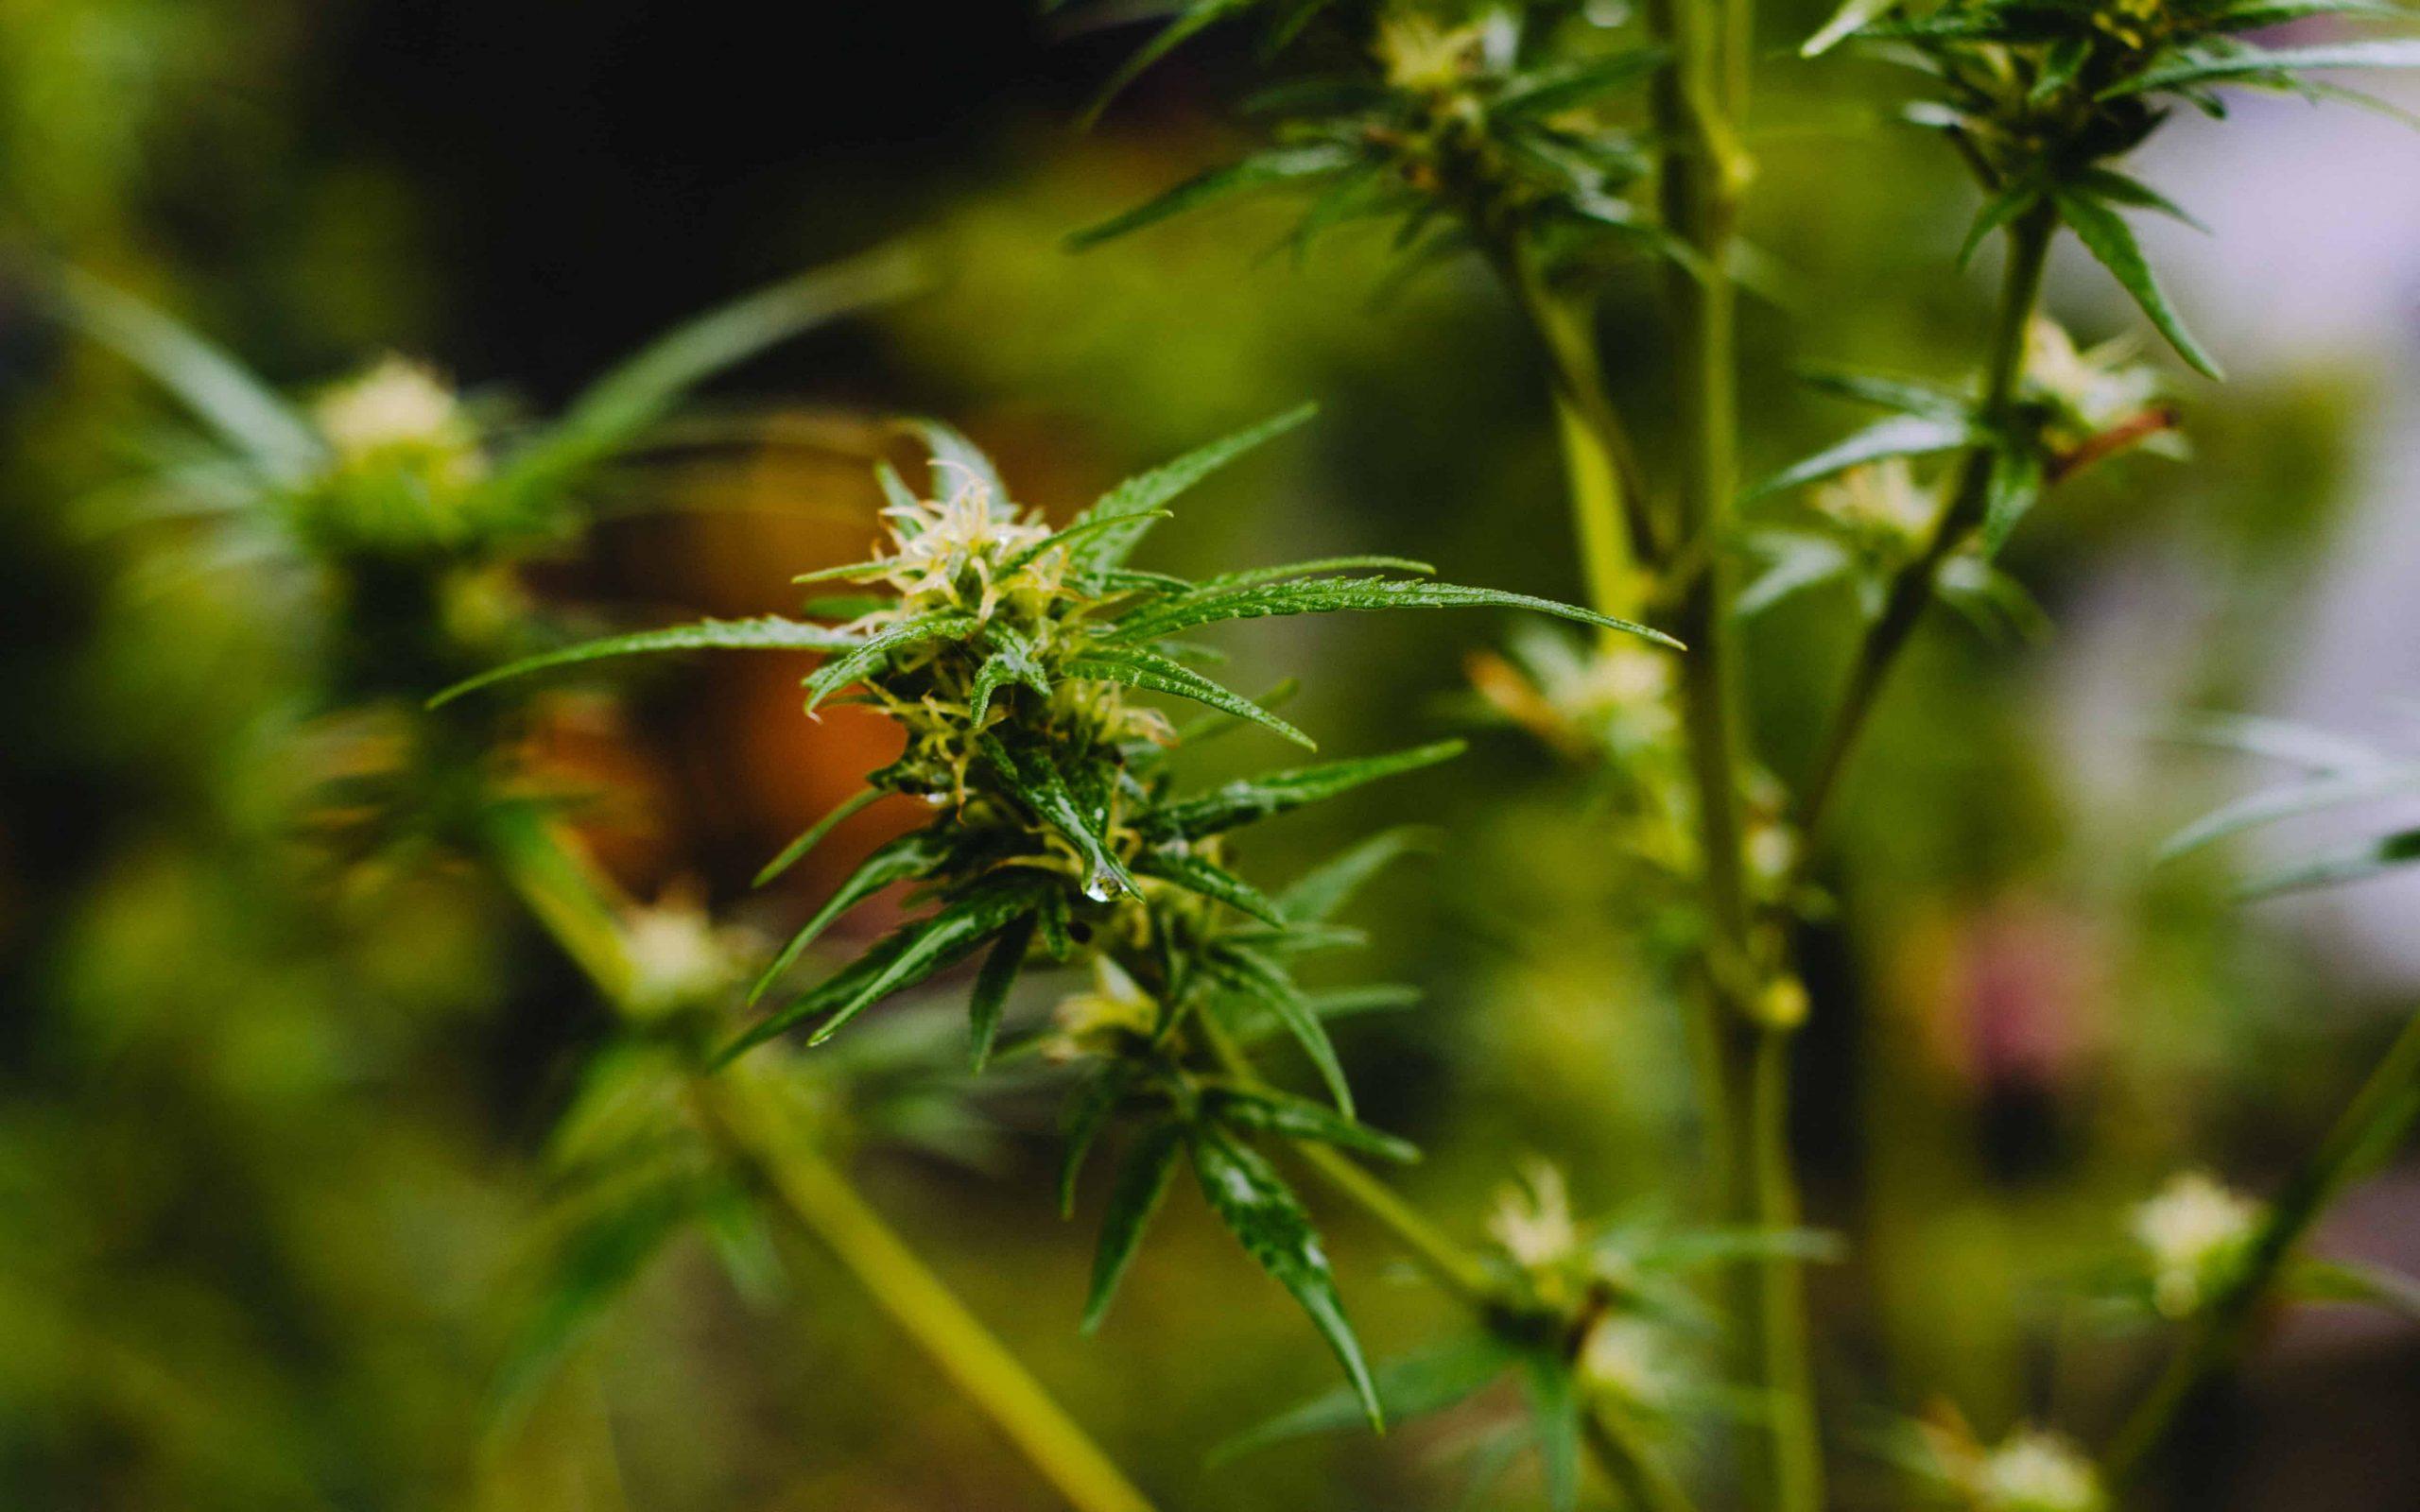 Backen mit Cannabis: Alle Tipps und Tricks